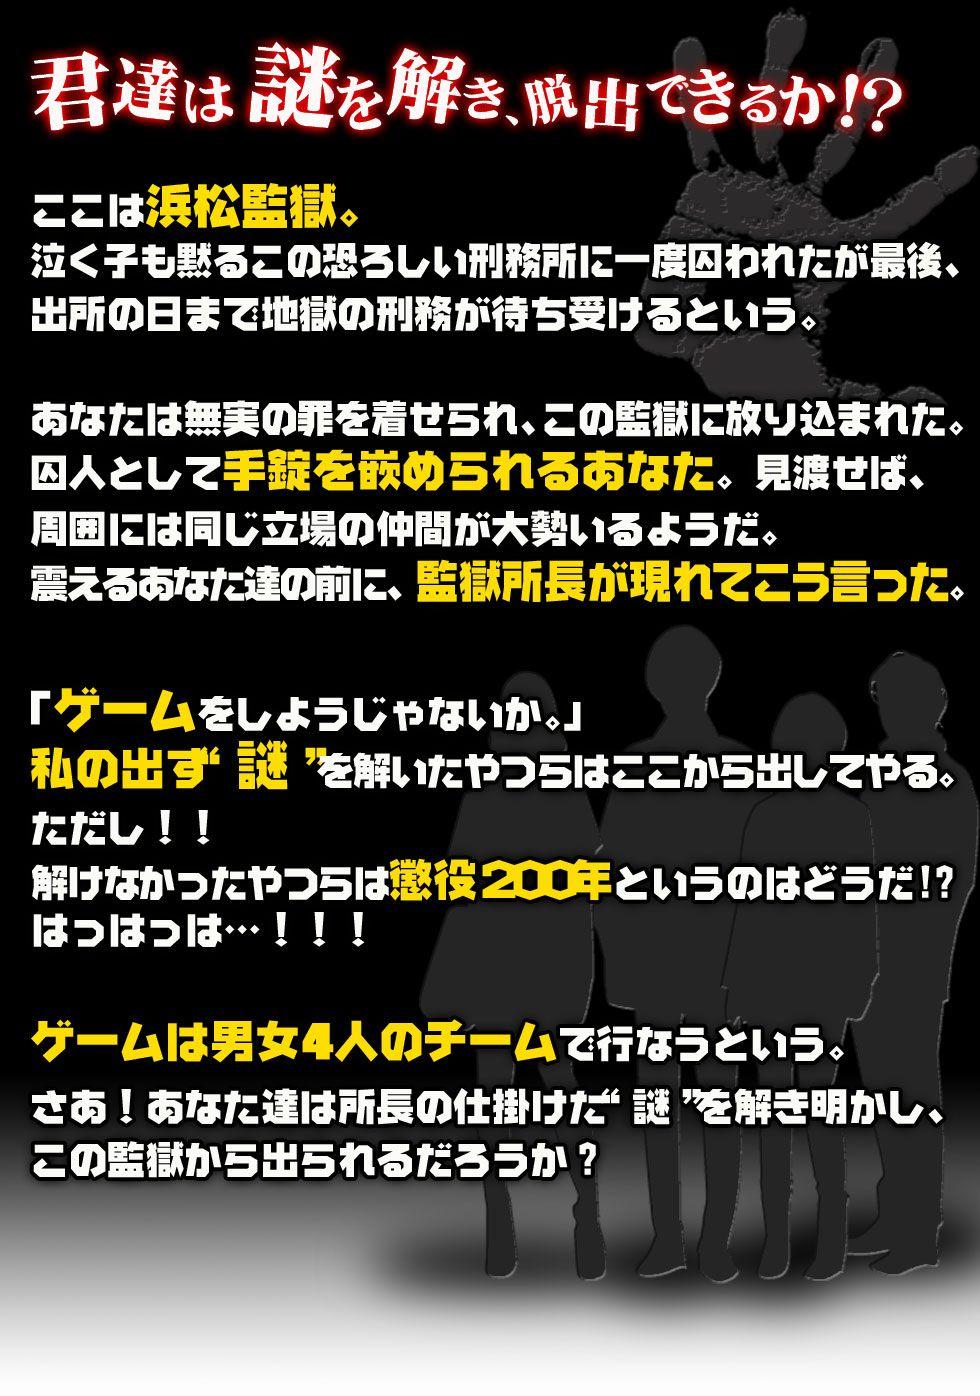 監獄浜松ストーリー_02